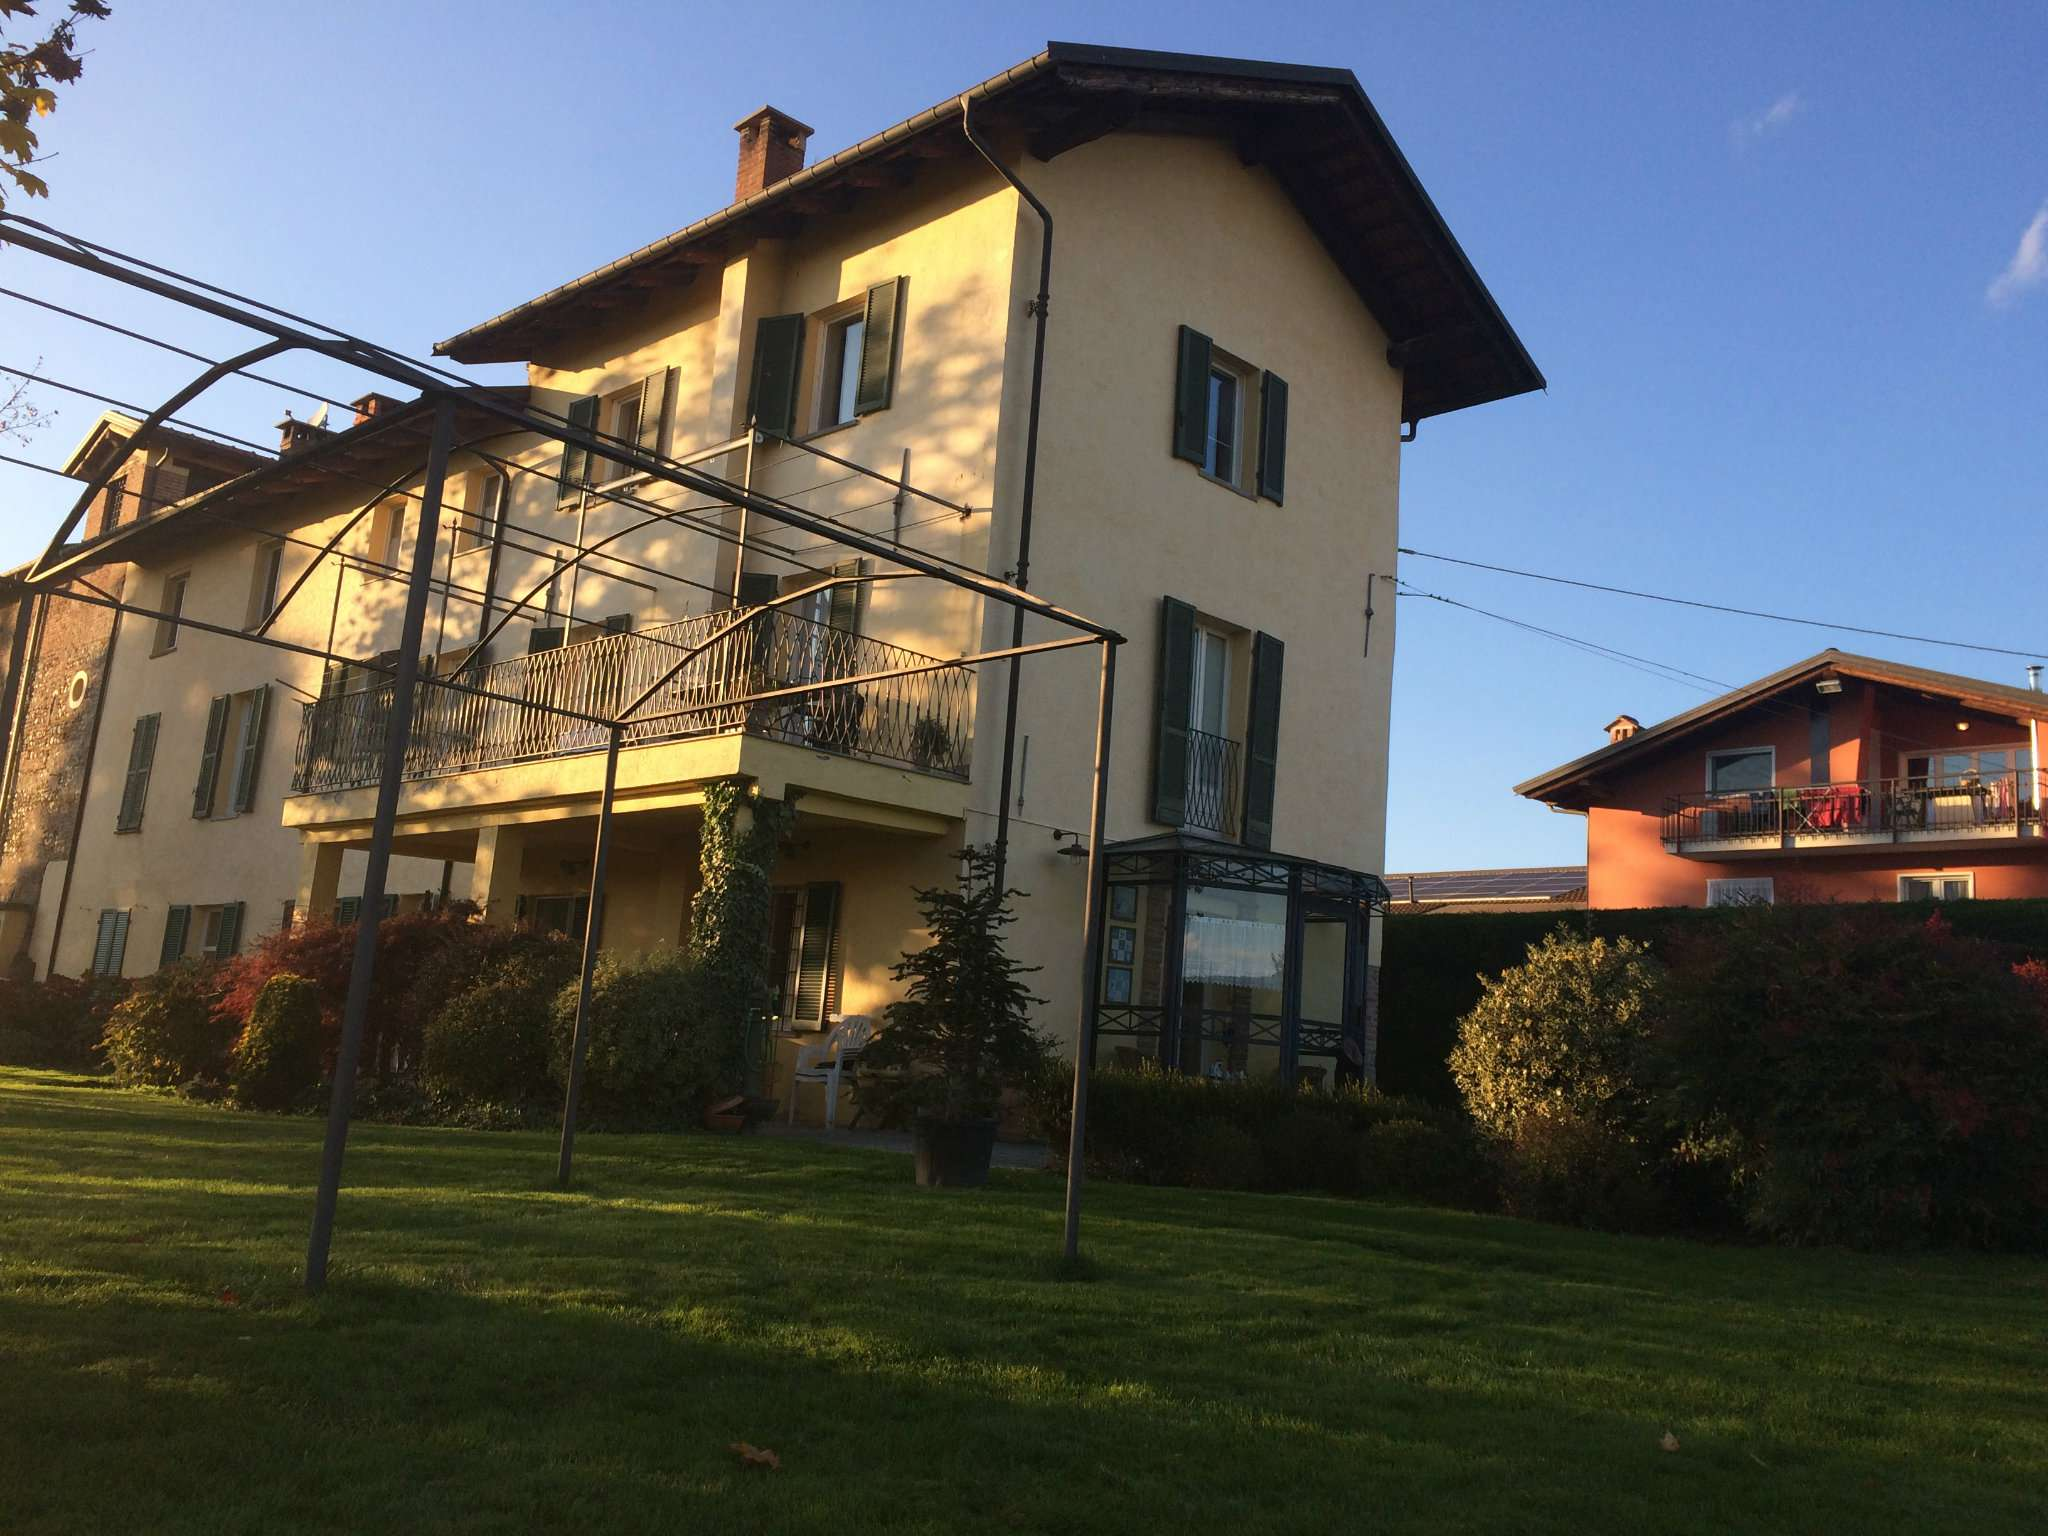 Foto 1 di Casale via del sale, frazione San Benigno, Cuneo